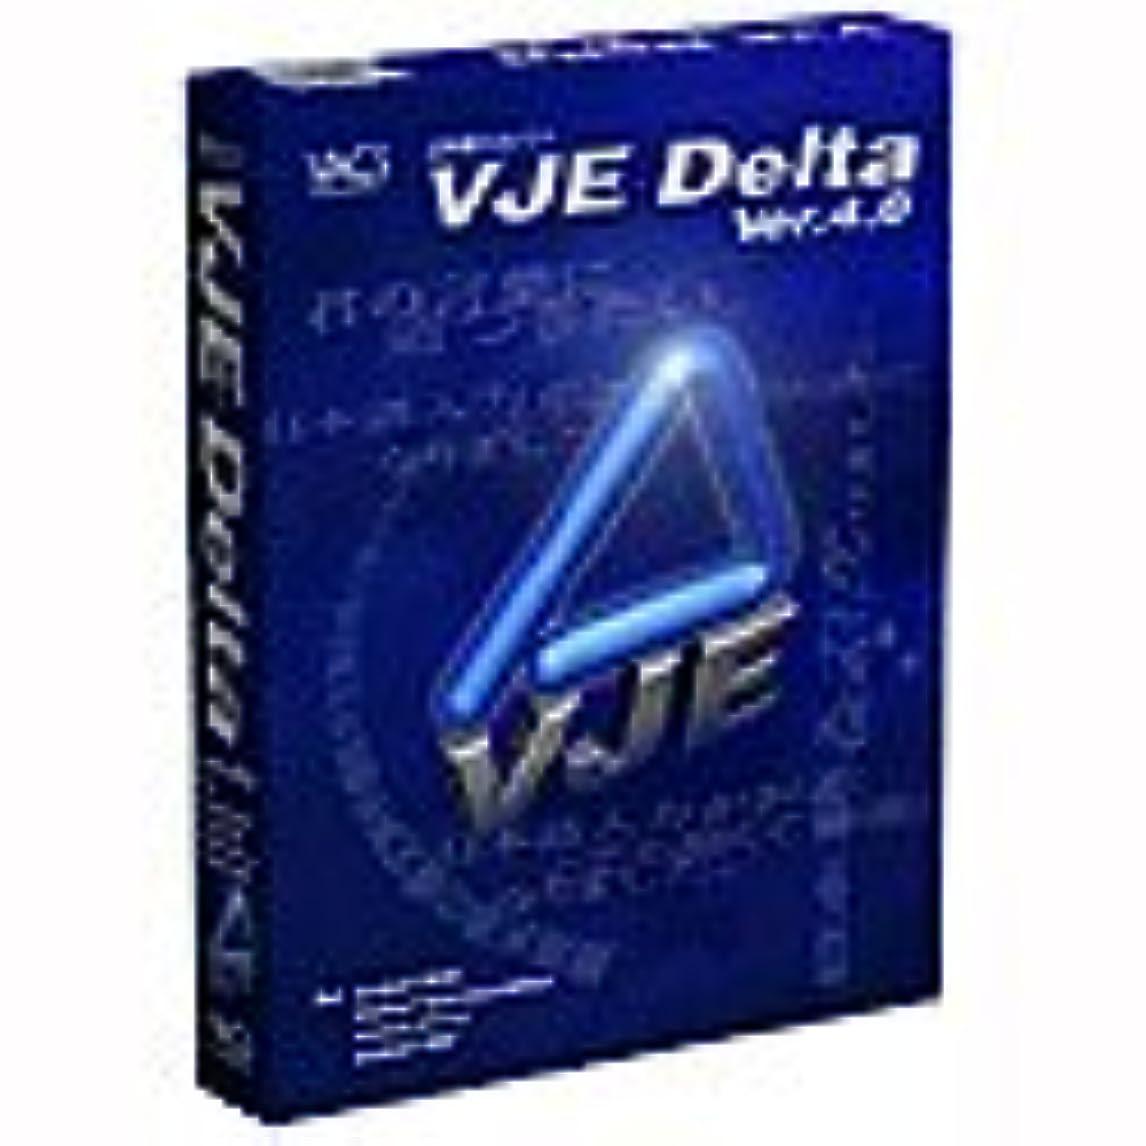 マウントバンク不注意施設VJE-Delta Ver.4.0